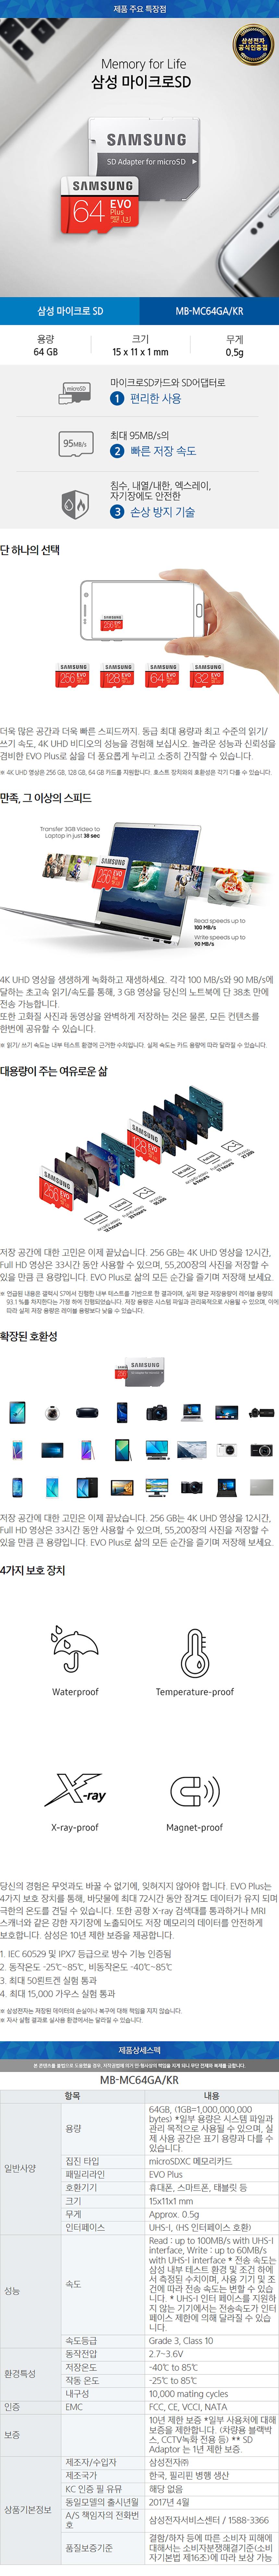 삼성전자 MicroSD EVO-Plus 64GB 어댑터 메모리카드 - 삼성전자, 20,500원, SD/Micro SD/메모리카드, Micro SD카드